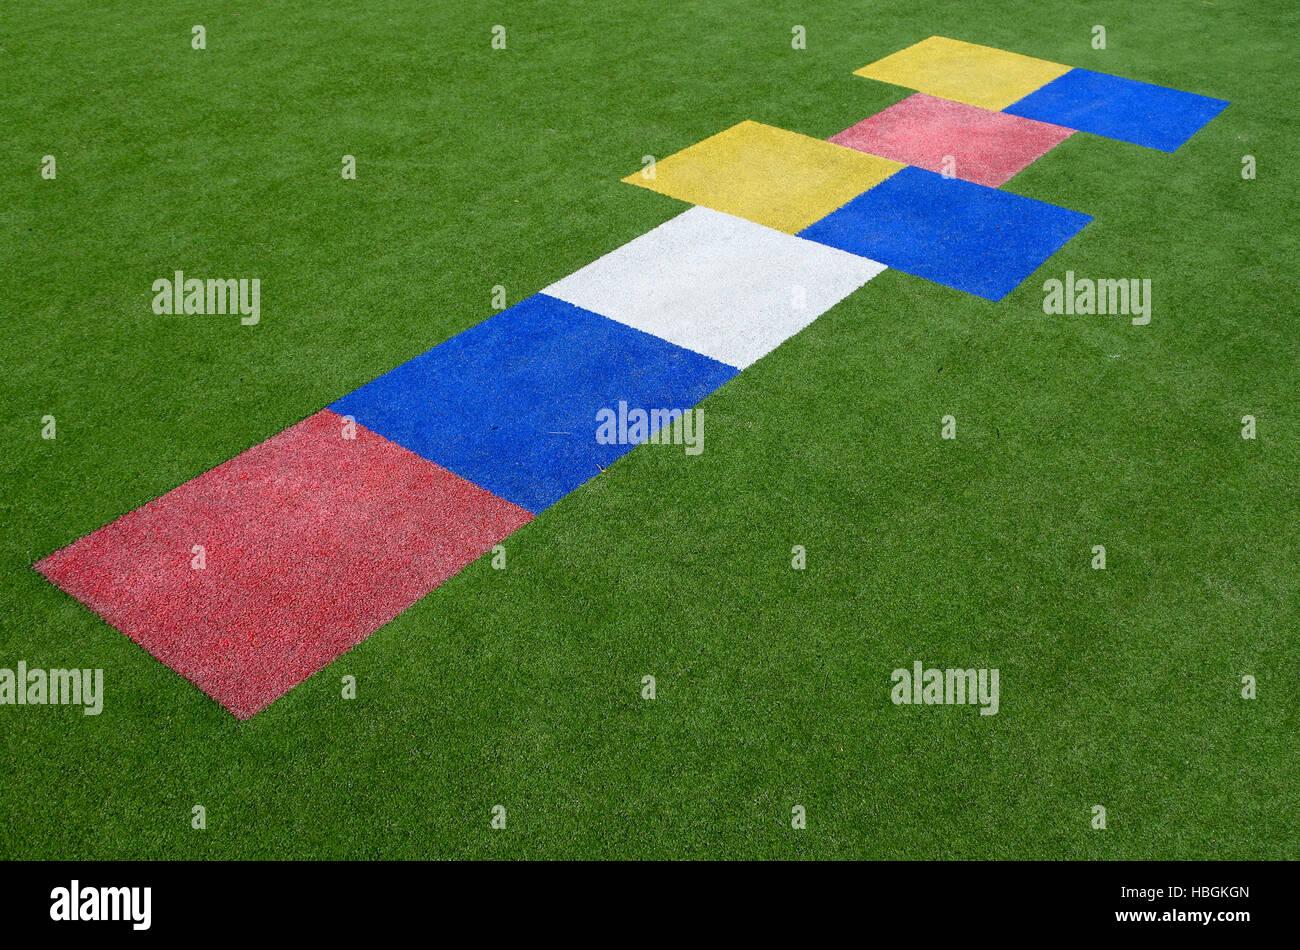 La marelle colorée, une aire de jeu dans lequel les joueurs jeter un petit objet en espaces de rectangles décrits sur le terrain et th Banque D'Images